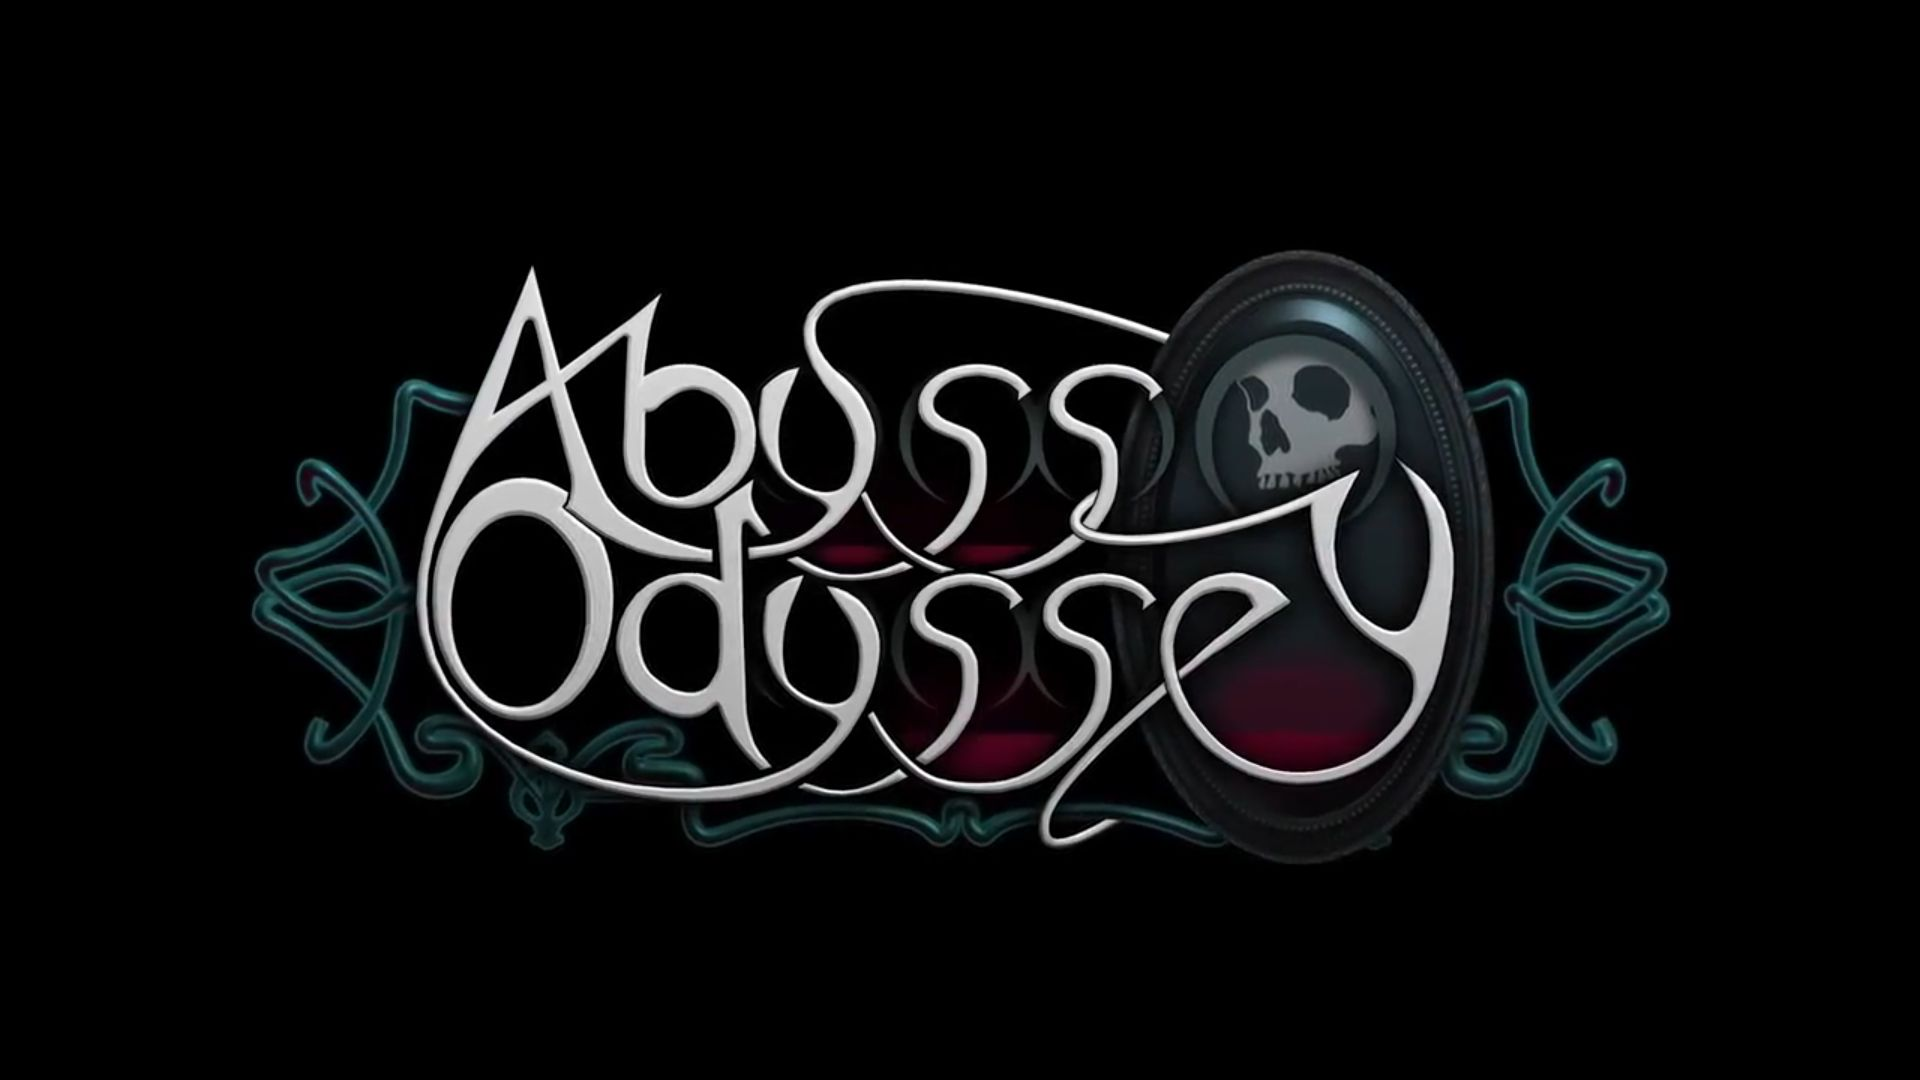 Abyss-odyssey-xbox-360-xbla